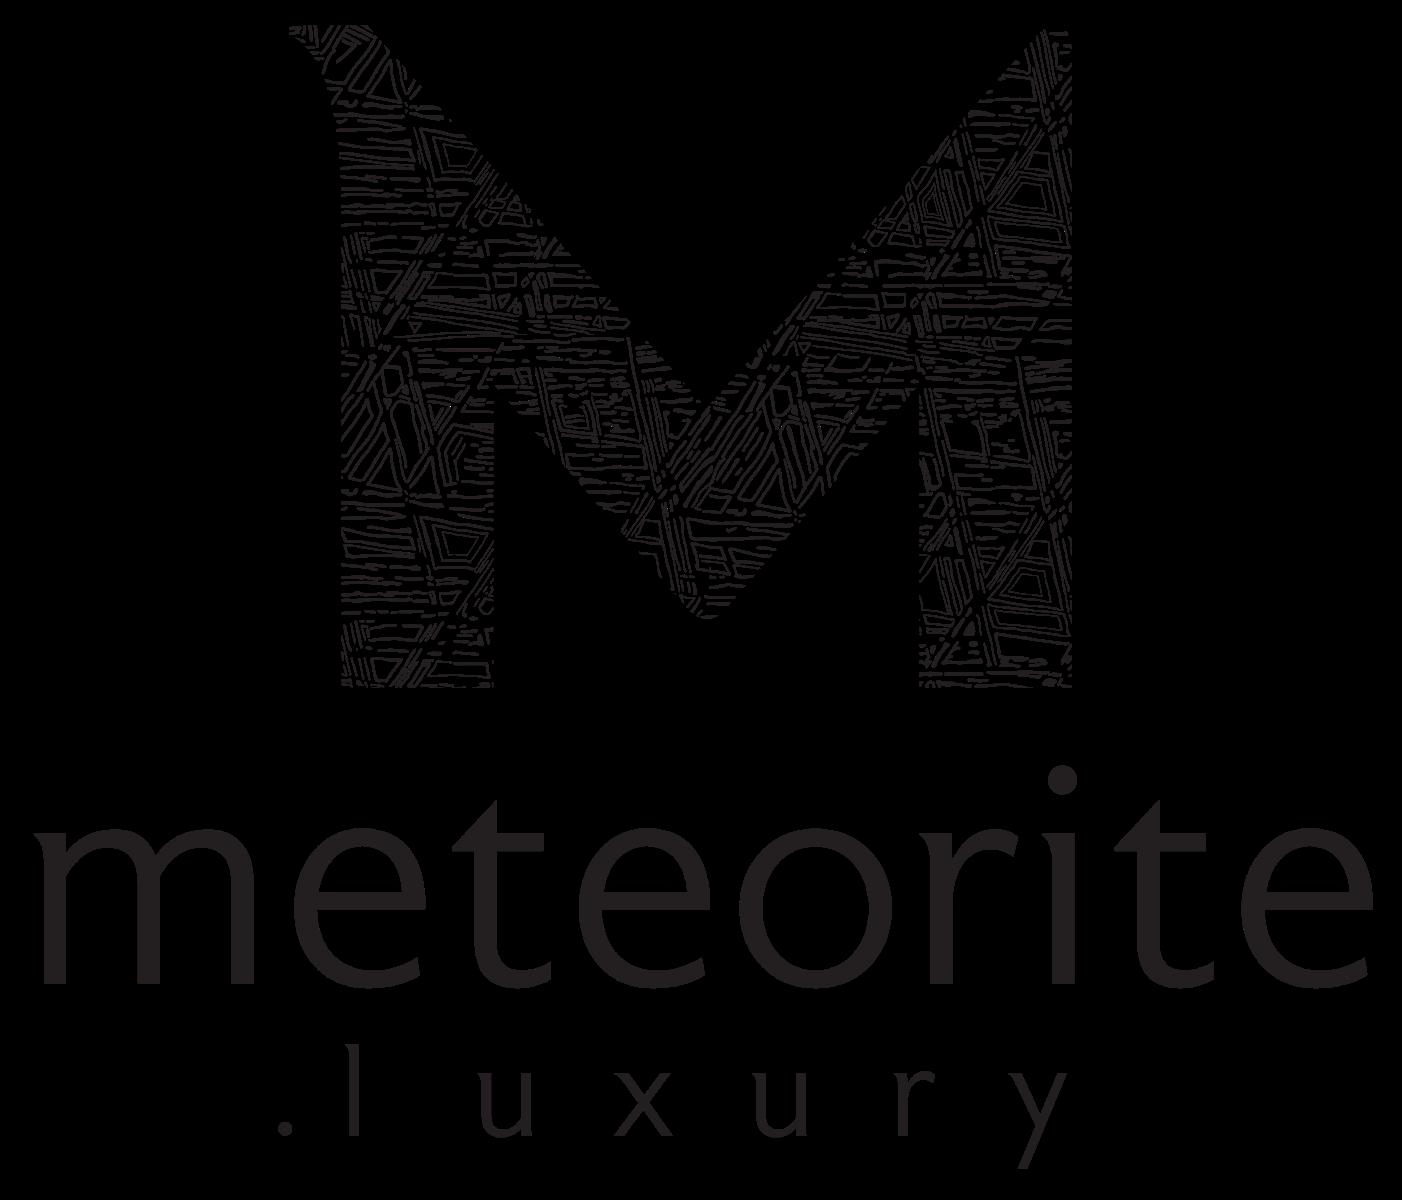 meteorite.luxury